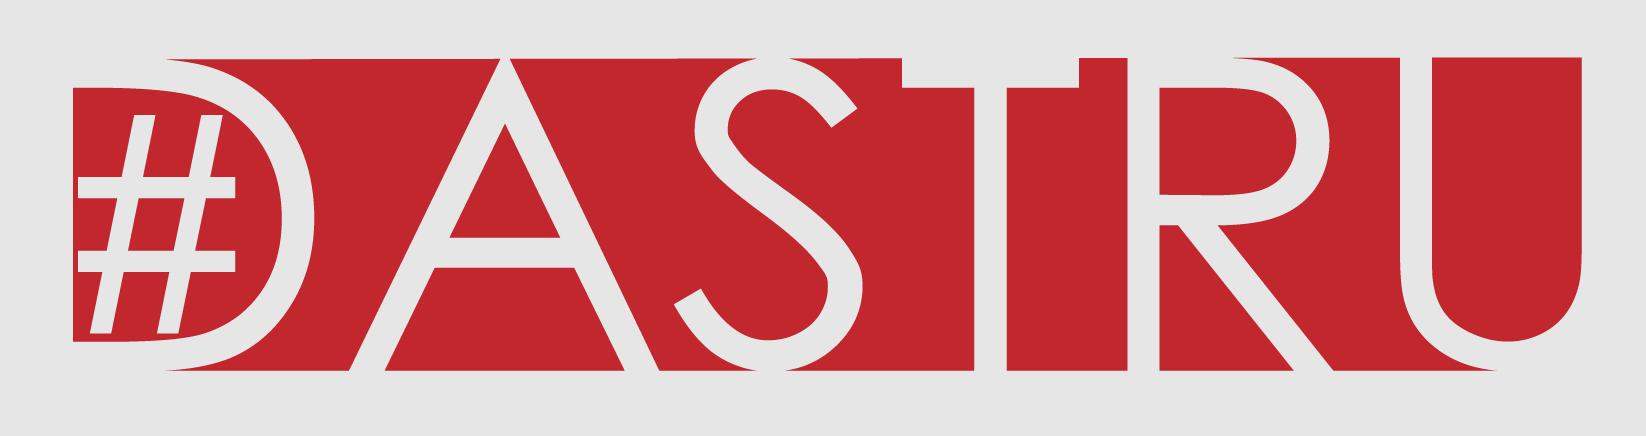 #DASTRU Consulting – Damien A. Schmidt